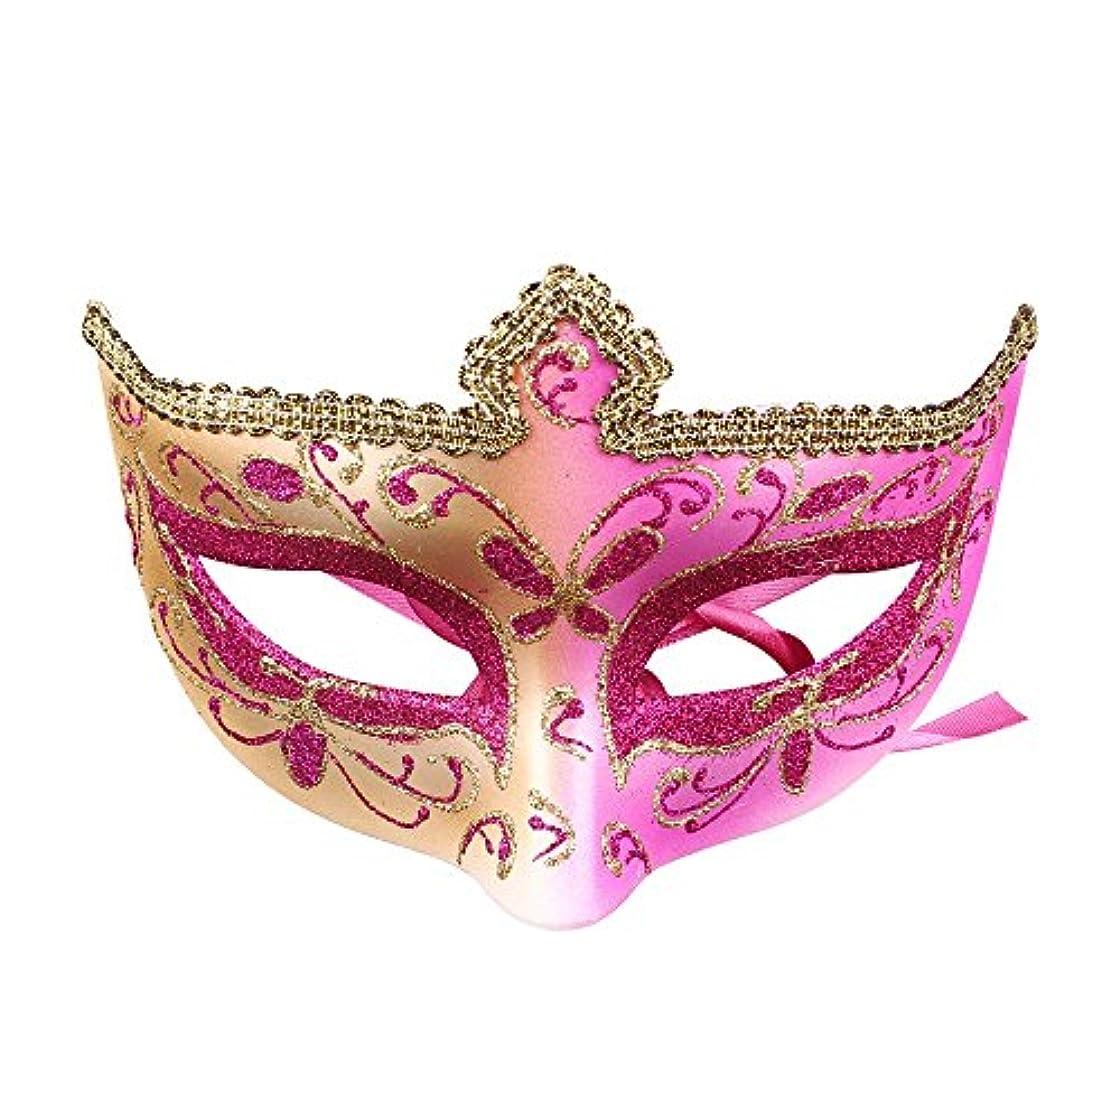 しかしながらパン屋むしゃむしゃクリエイティブ仮面舞??踏会レースマスク美容ハーフフェイス女性身に着けているマスクハロウィーン祭りパーティー用品 (Color : PURPLE)